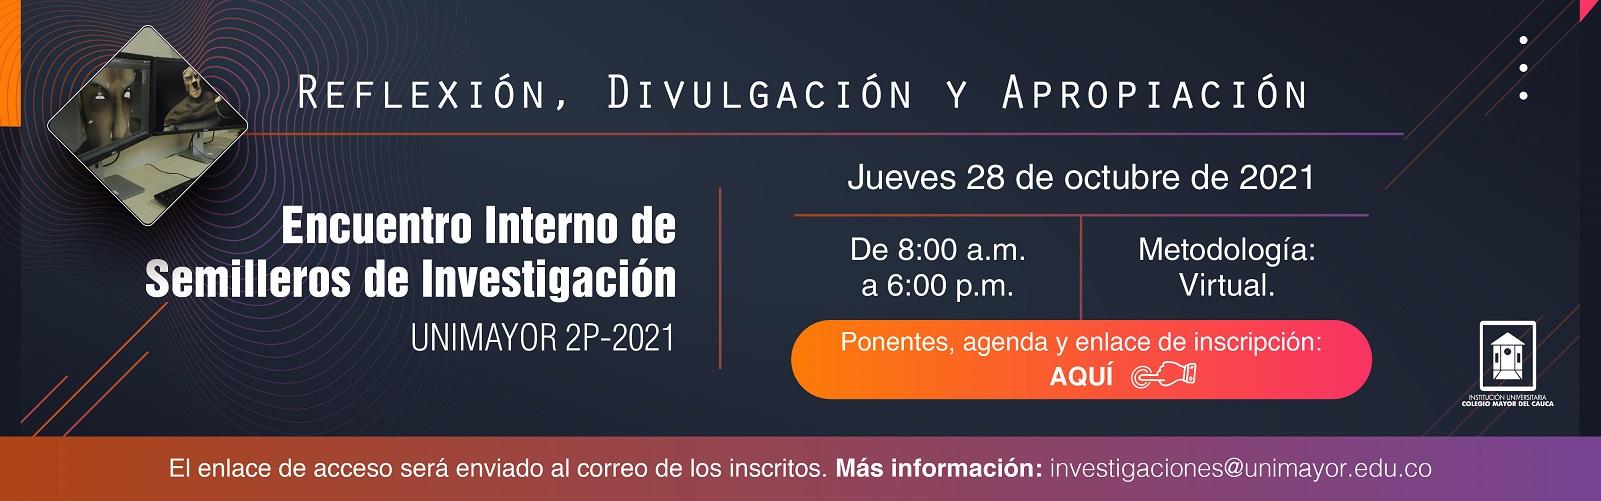 Fase_II_Banner_Promocion_Encuentro_Interno_S_Inv